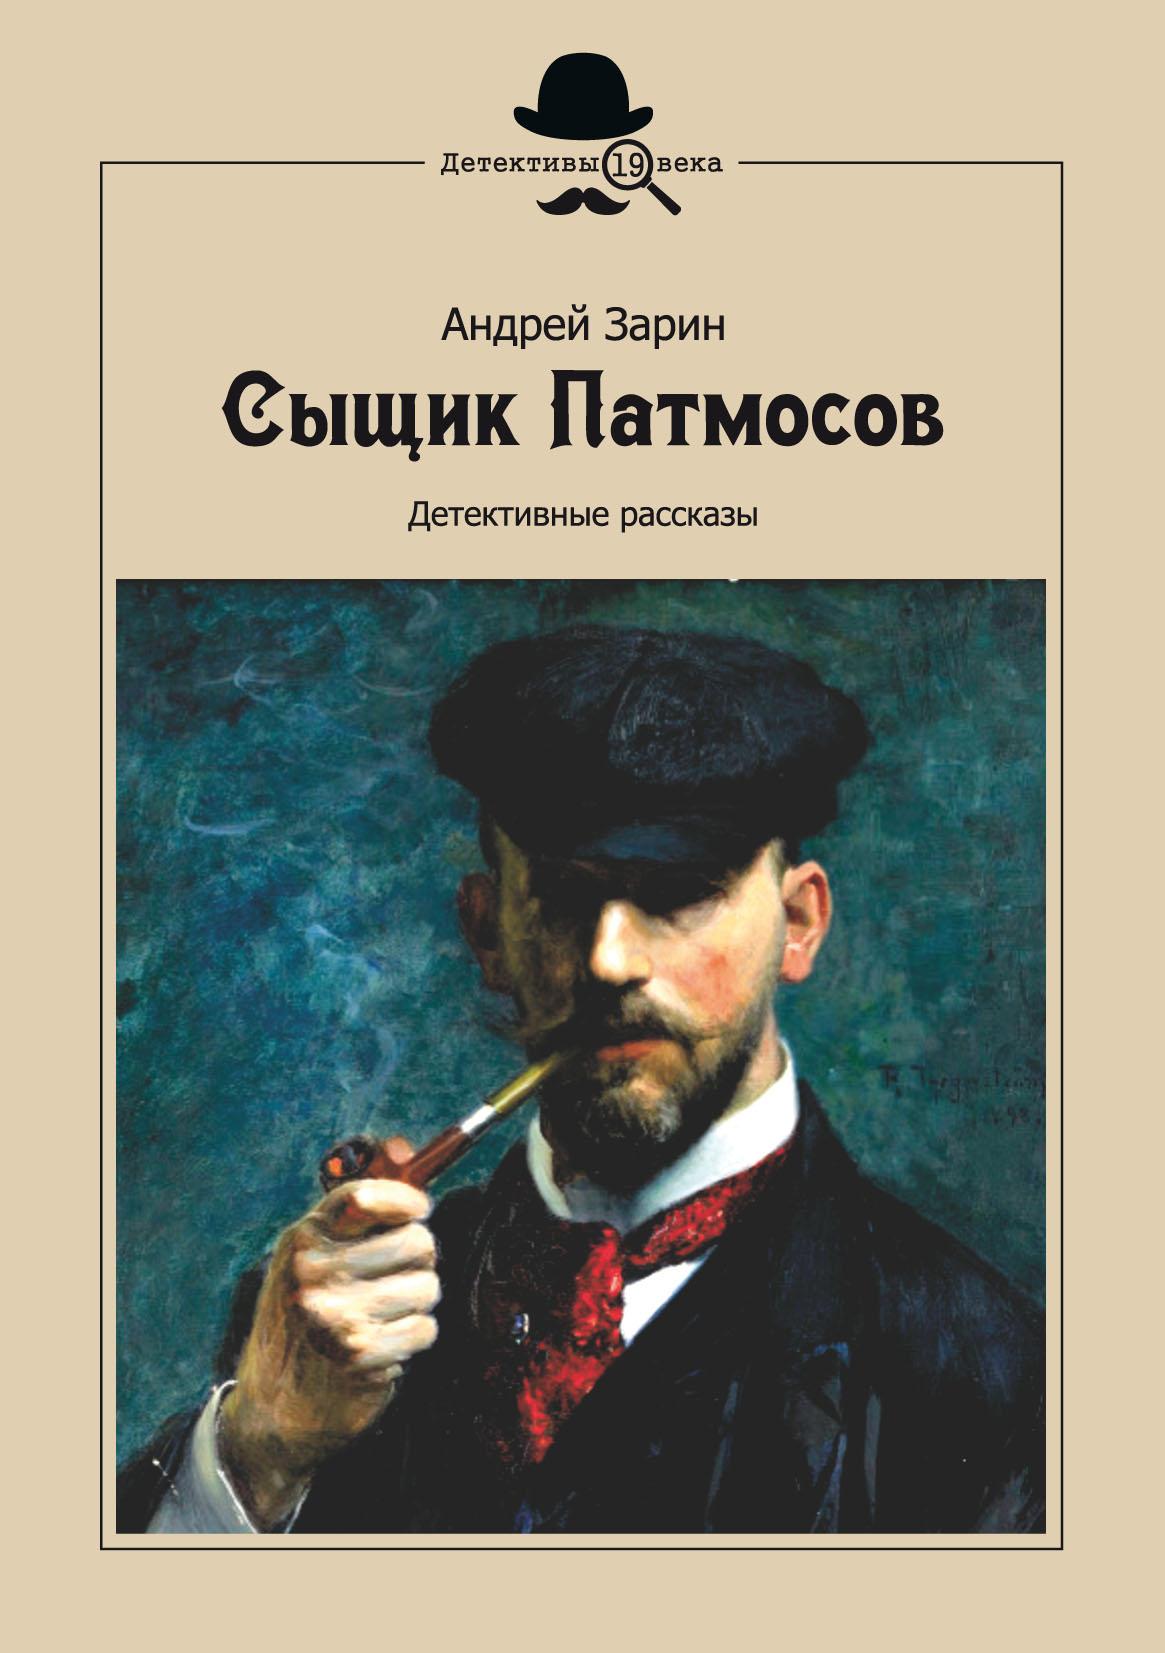 Андрей Зарин - Сыщик Патмосов. Детективные рассказы